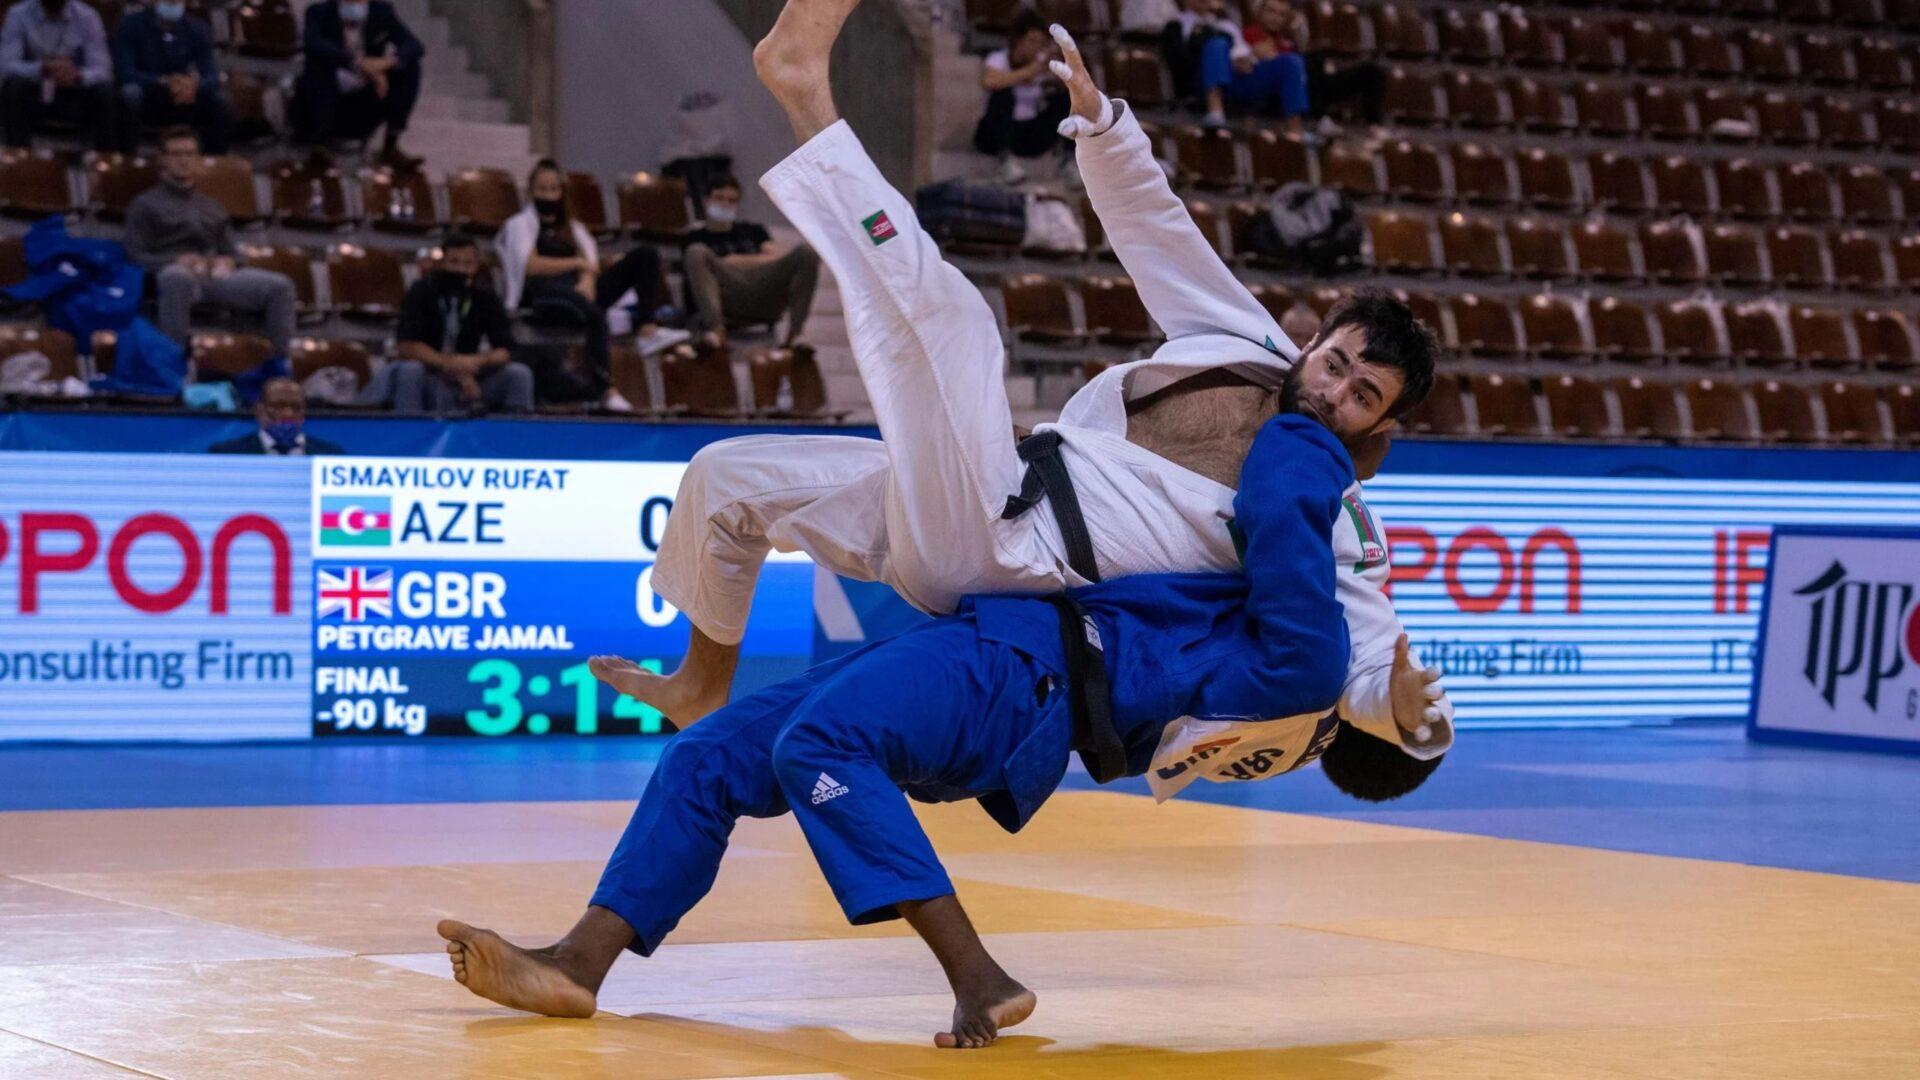 Dubrovnik mostró gran judo y muchas emociones